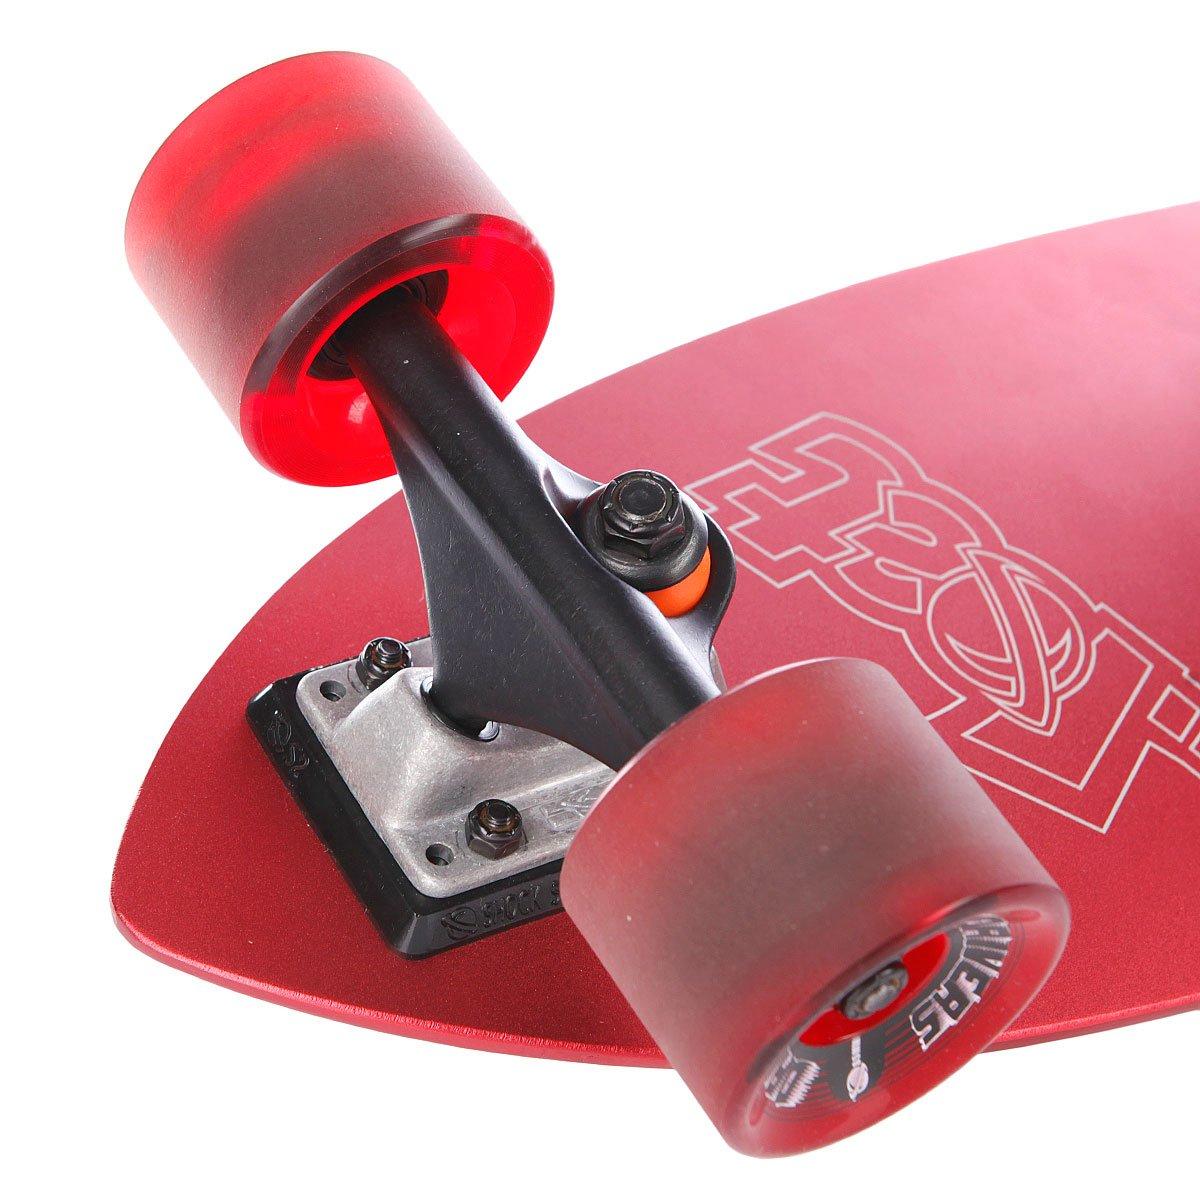 The Hesher של חברת LOST הוא סקייטבורד קטן ומגניב. The Hesher מגיע עם גלגלים רכים שסופגים כל בור במדרכה. הקרש עצמו עשוי מסוג מיוחד של אלומיניום שמשמש לבניית מטוסים מה שהופך אותו לקרוזר מעולה וחזק.